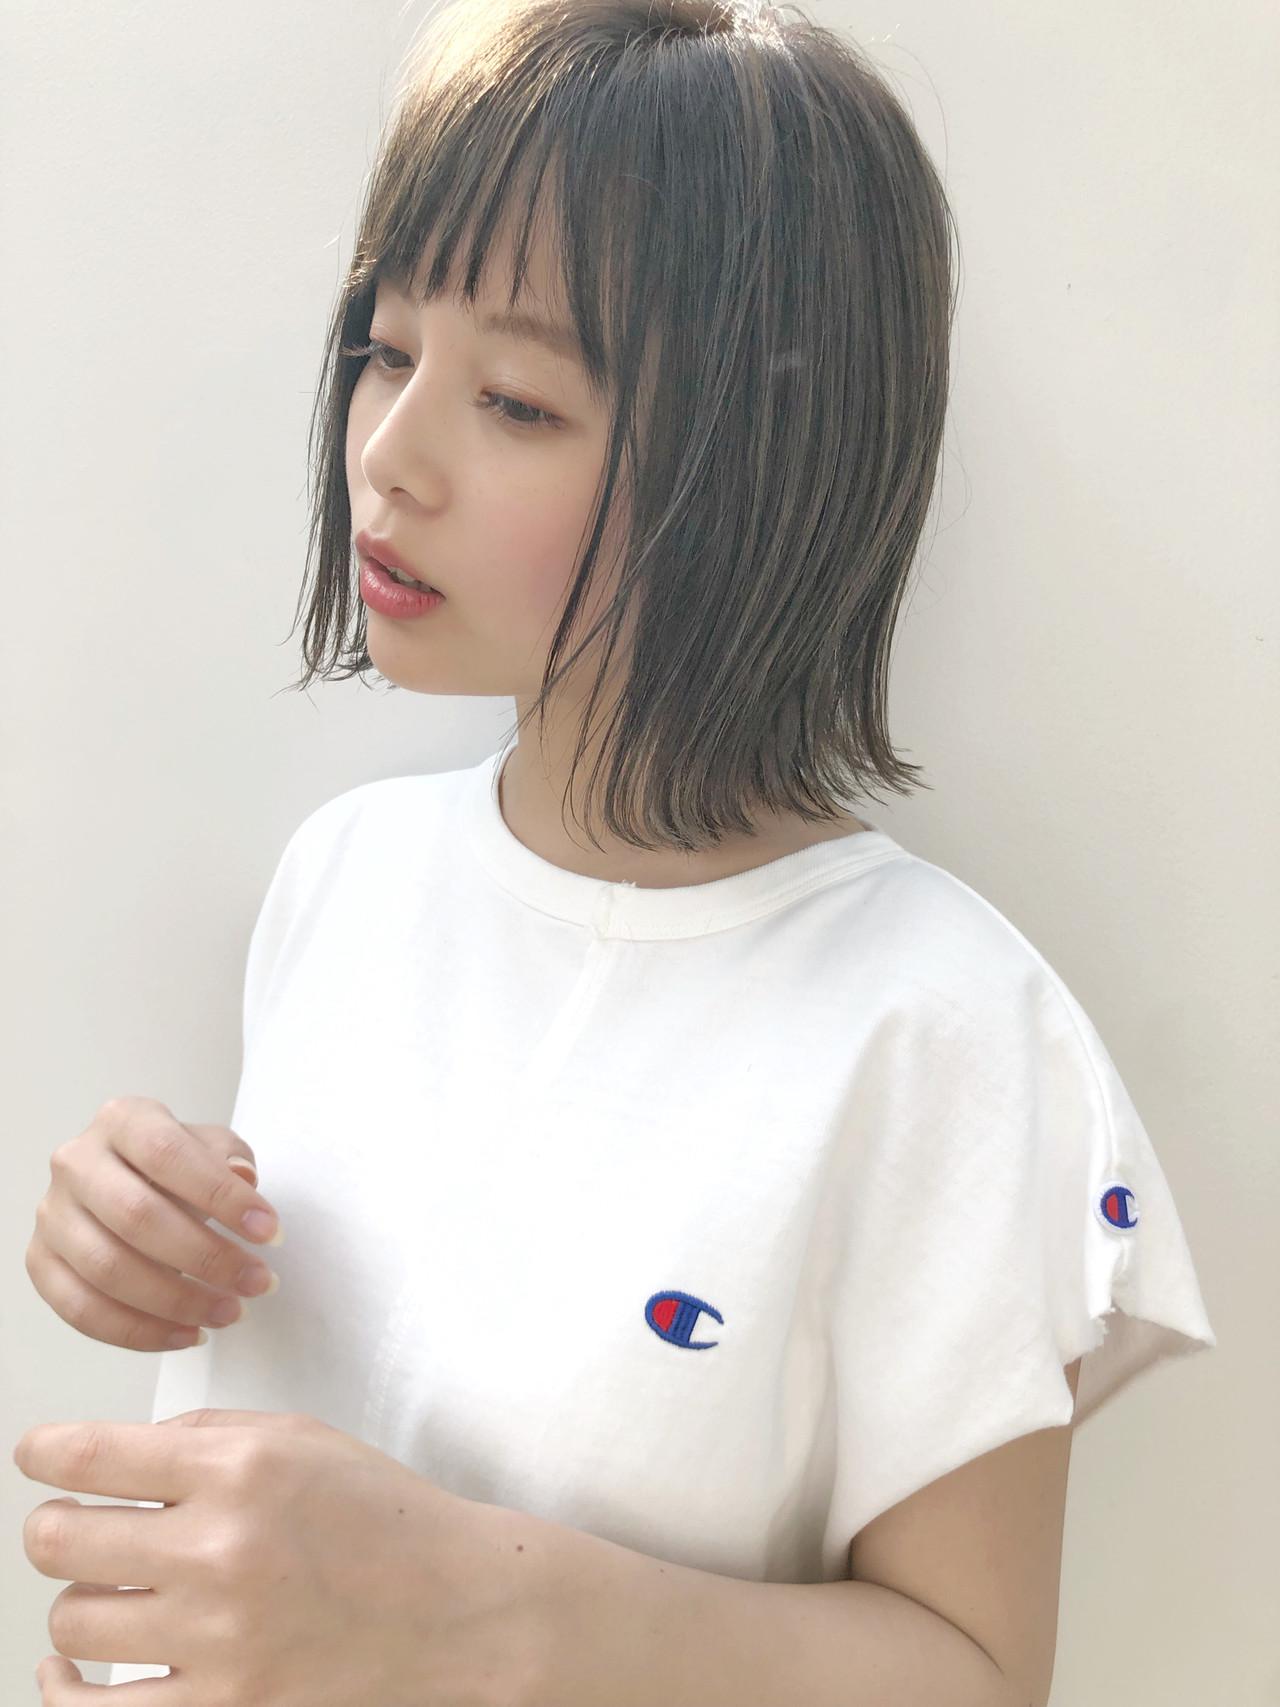 小顔 外ハネ 切りっぱなし シースルーバング ヘアスタイルや髪型の写真・画像 | 切りっぱなしレイヤー&パーマ Un ami 増永 / Un ami omotesando